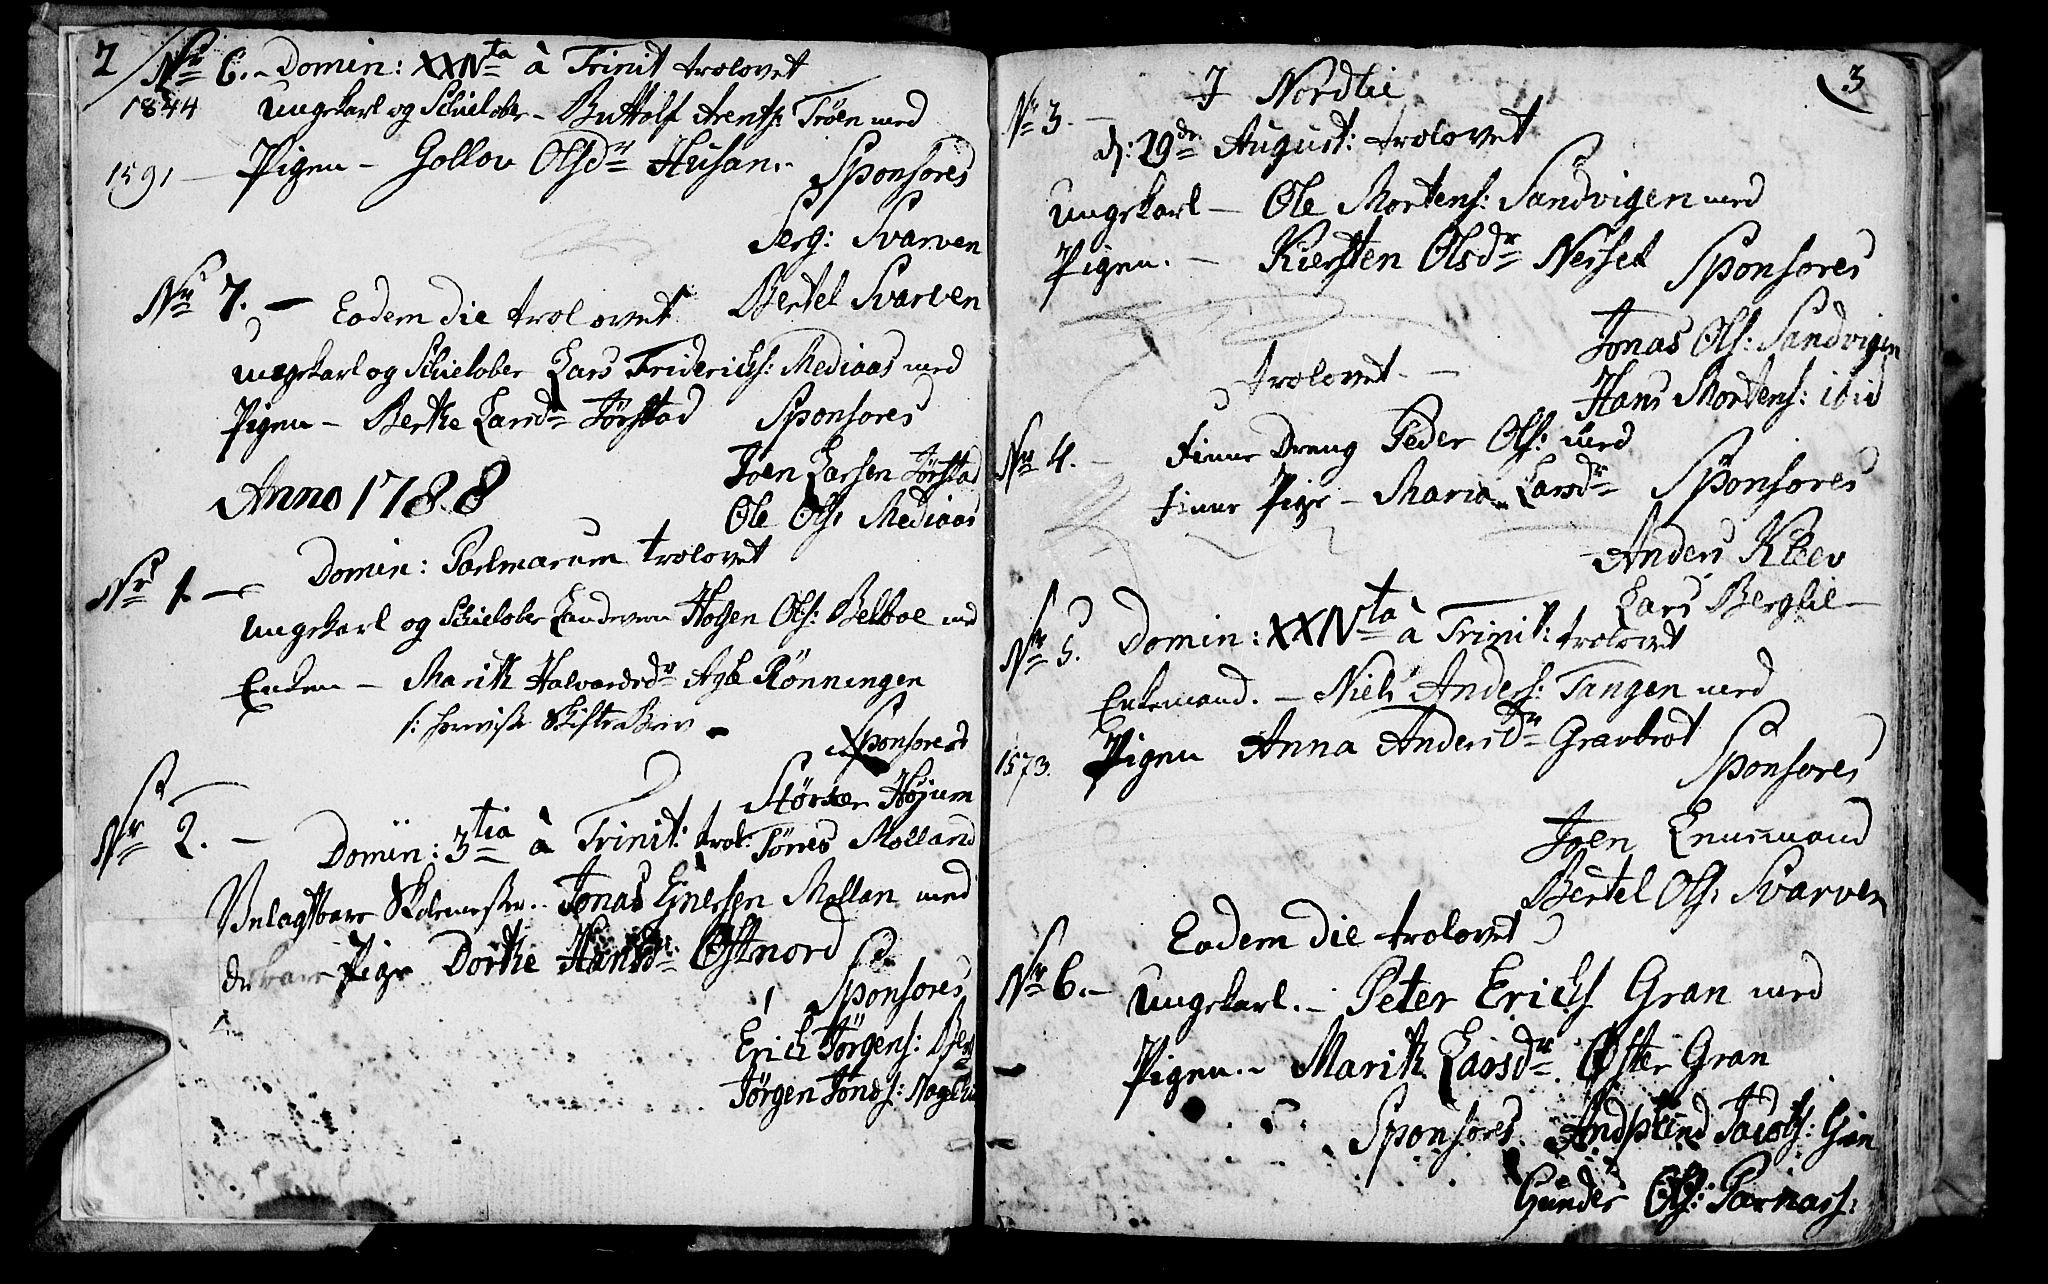 SAT, Ministerialprotokoller, klokkerbøker og fødselsregistre - Nord-Trøndelag, 749/L0468: Ministerialbok nr. 749A02, 1787-1817, s. 2-3